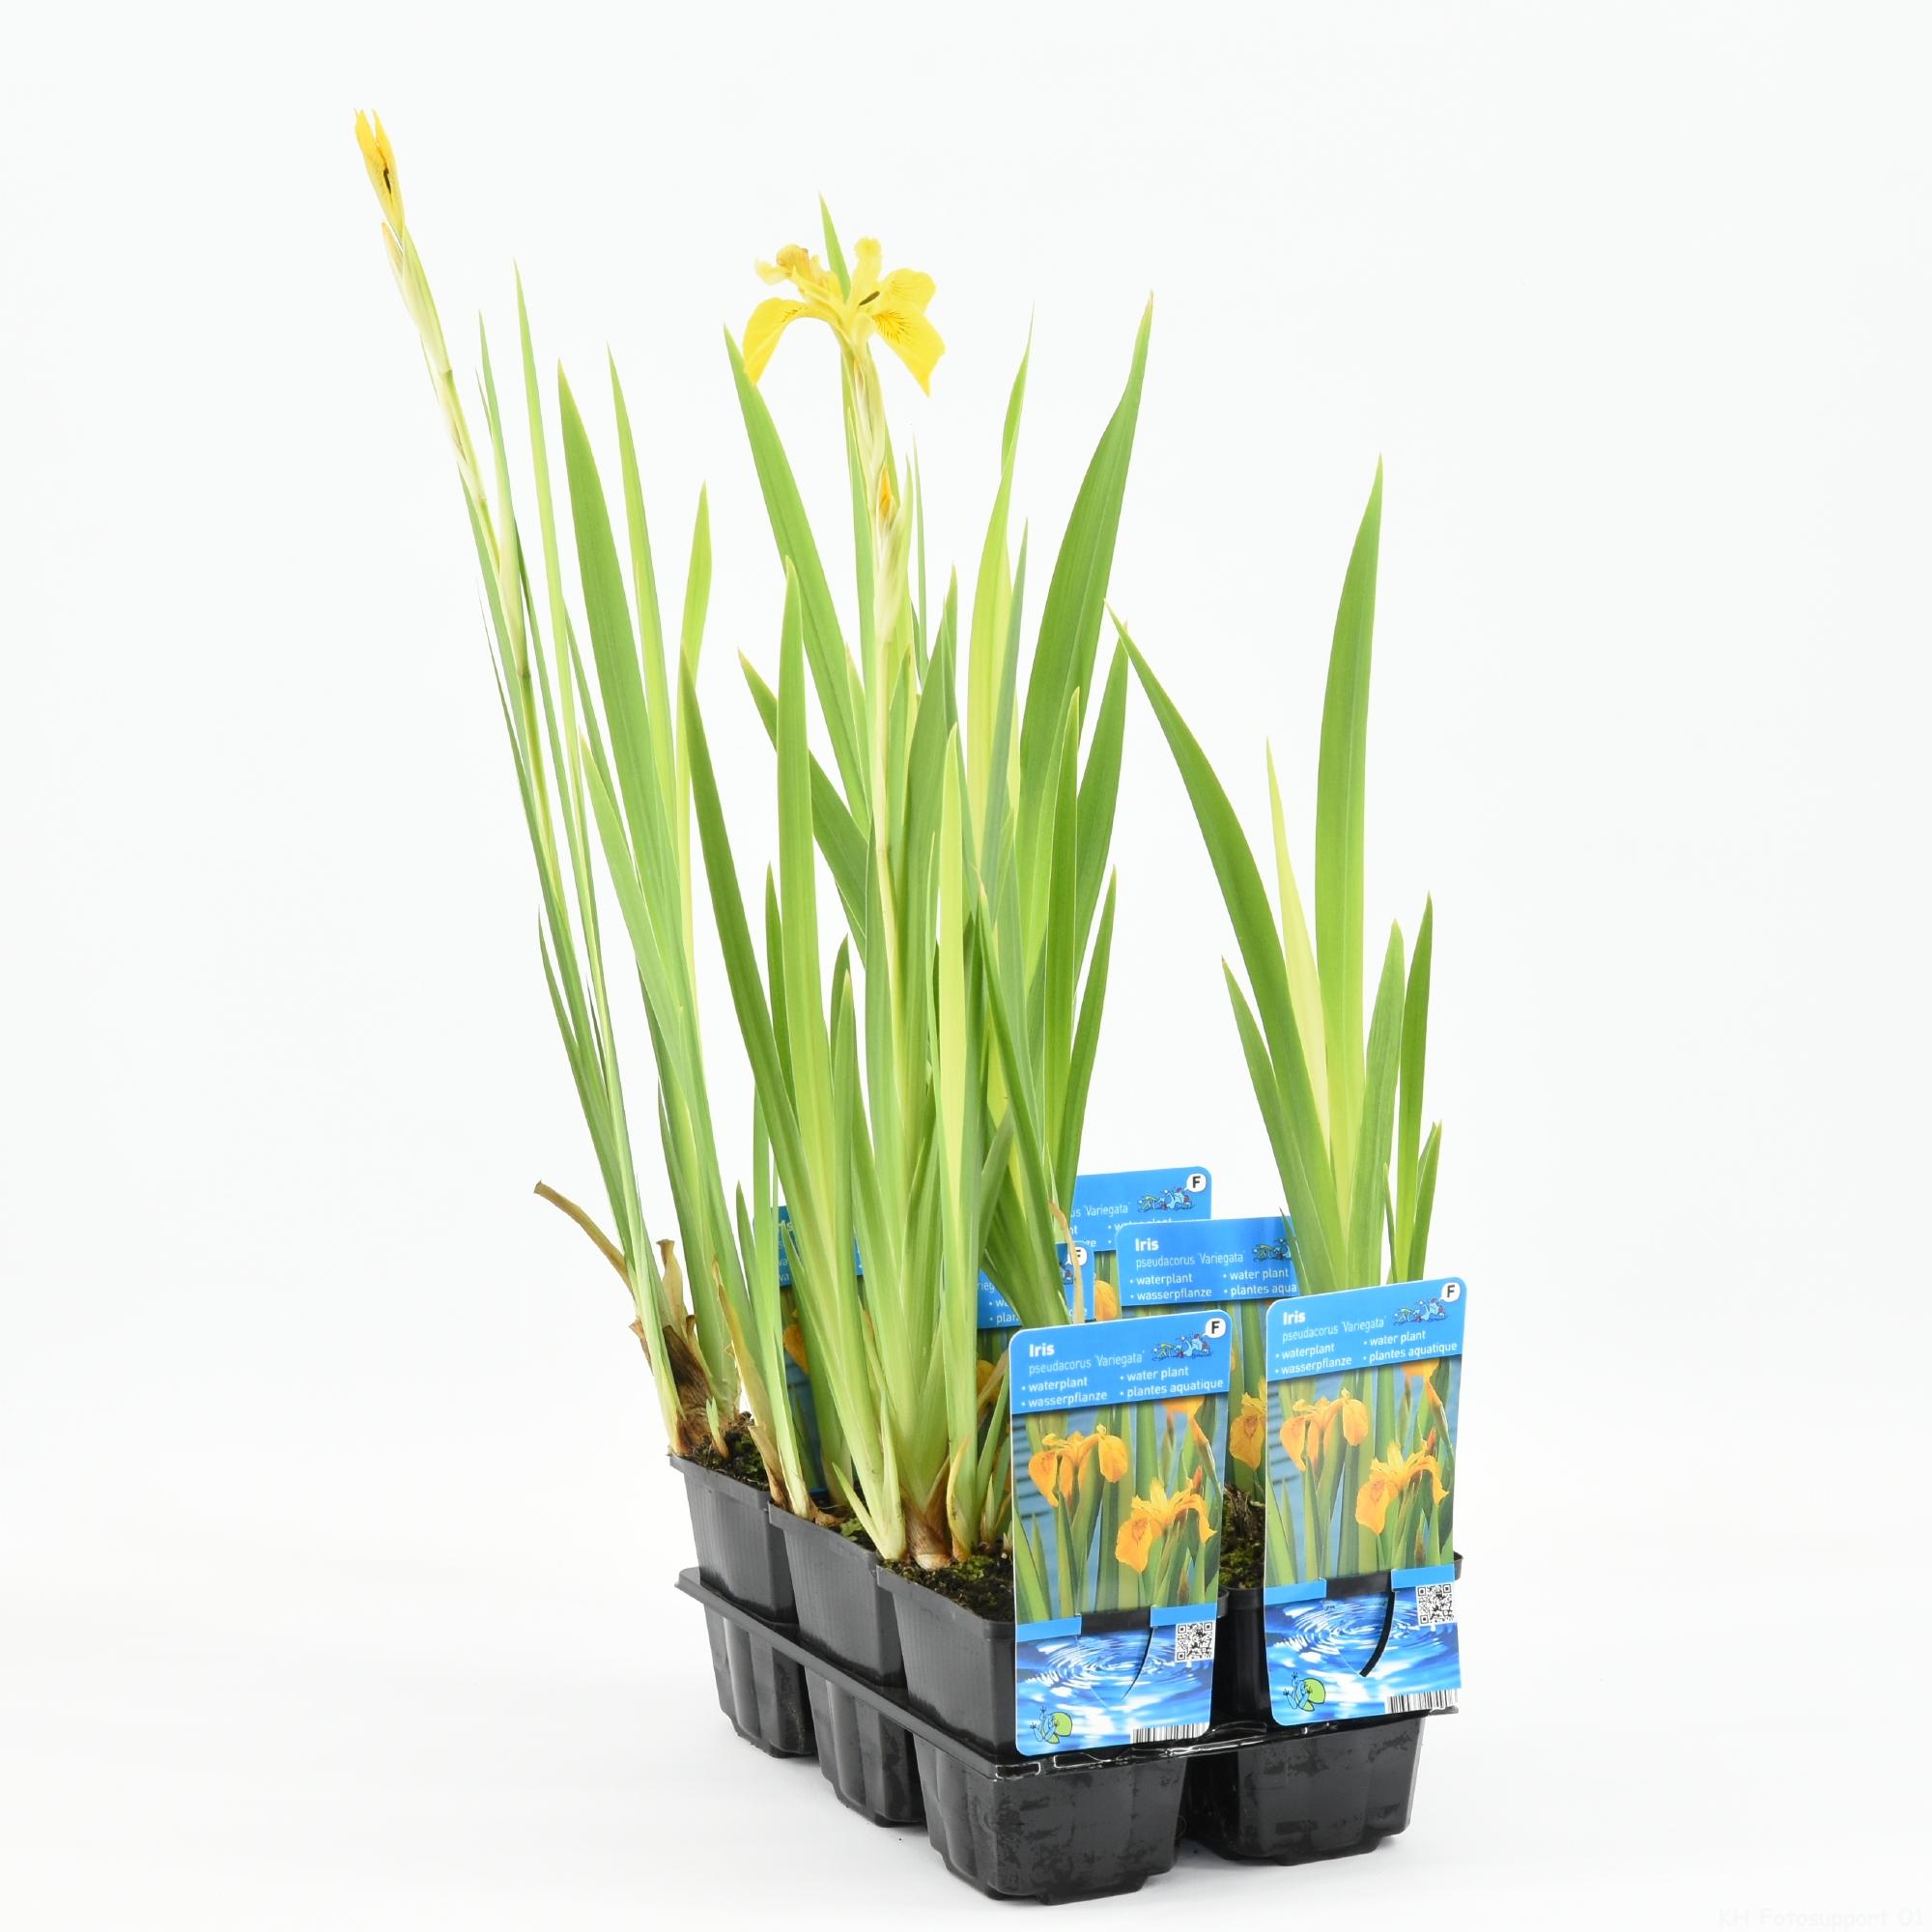 11210 P9 Iris pseudacorus 'Variegata' 20180510103714